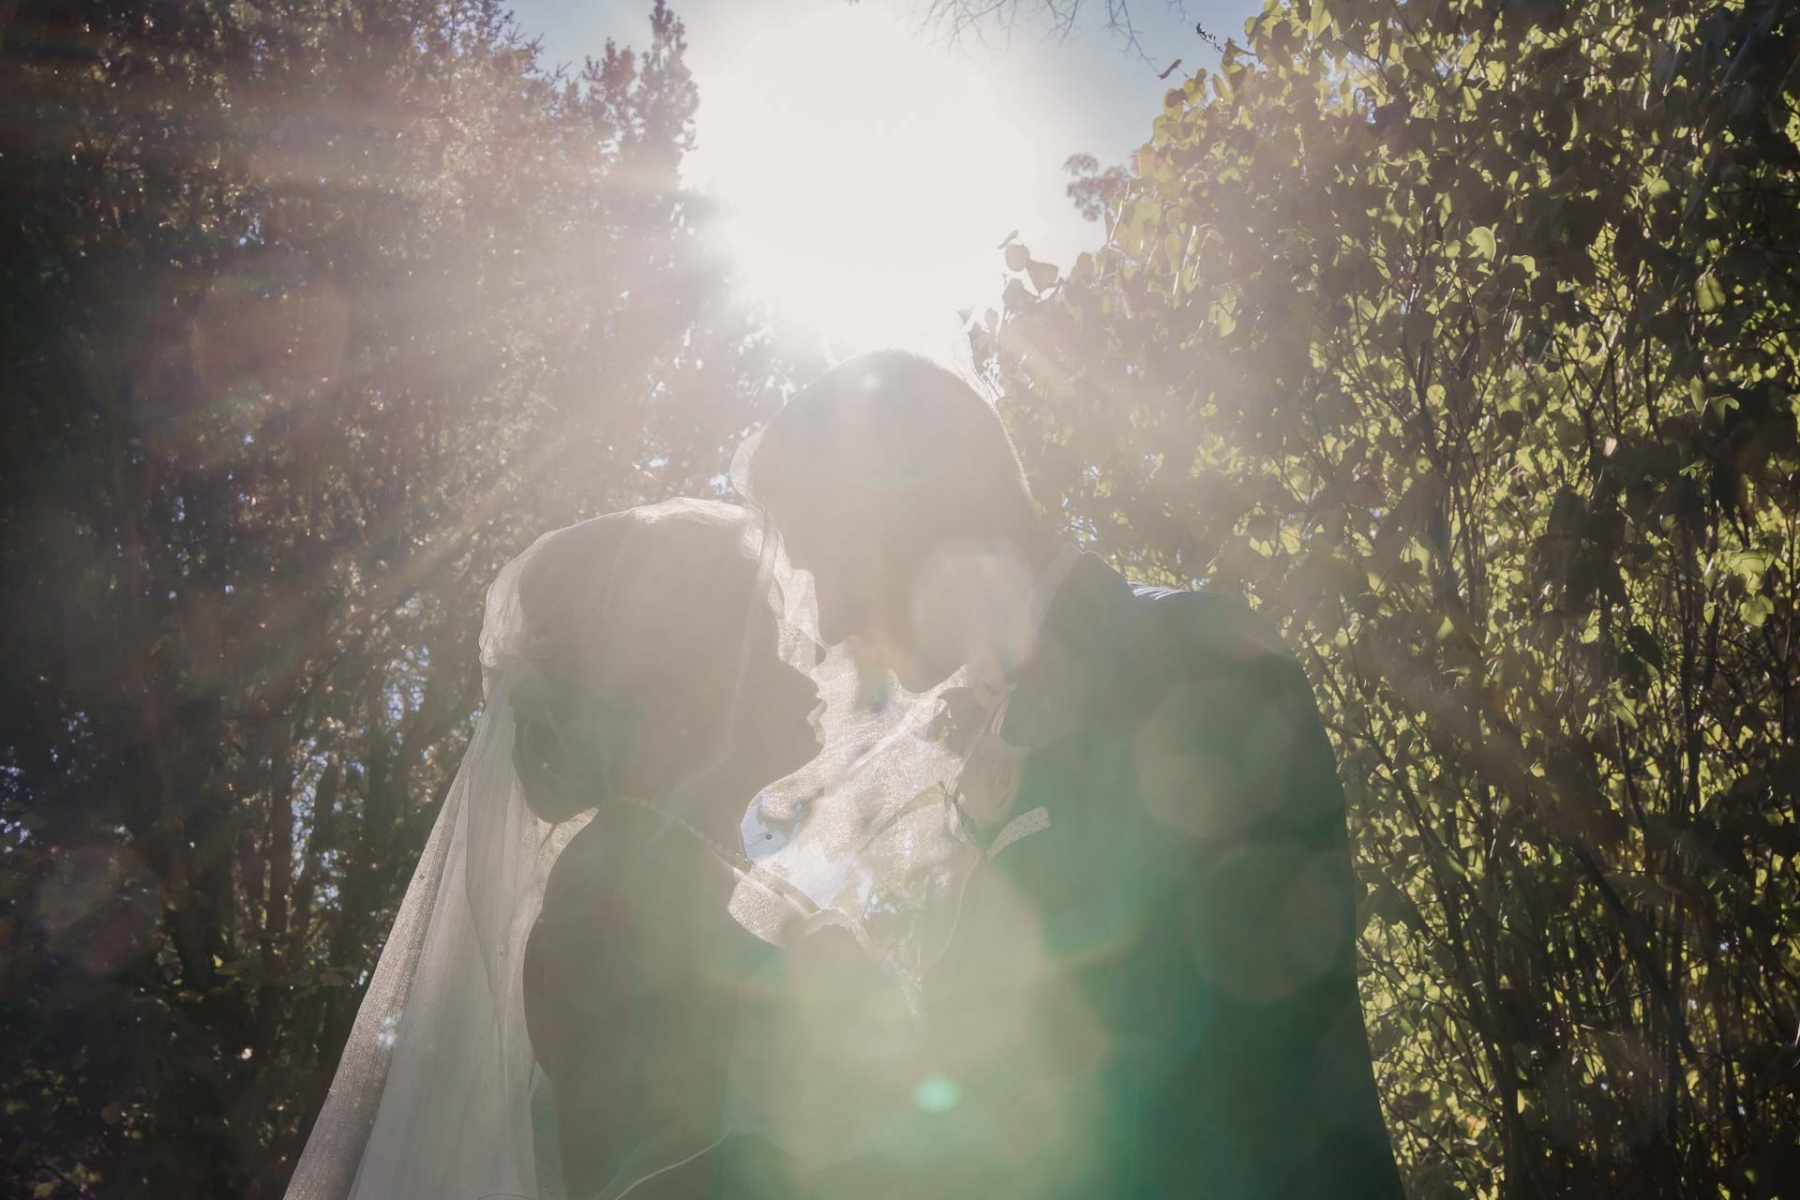 svatební fotograf zámek Mníšek pod Brdy, svatba na zámku, letní nejkrásnější zámecká svatba, Bára a Ondra-135